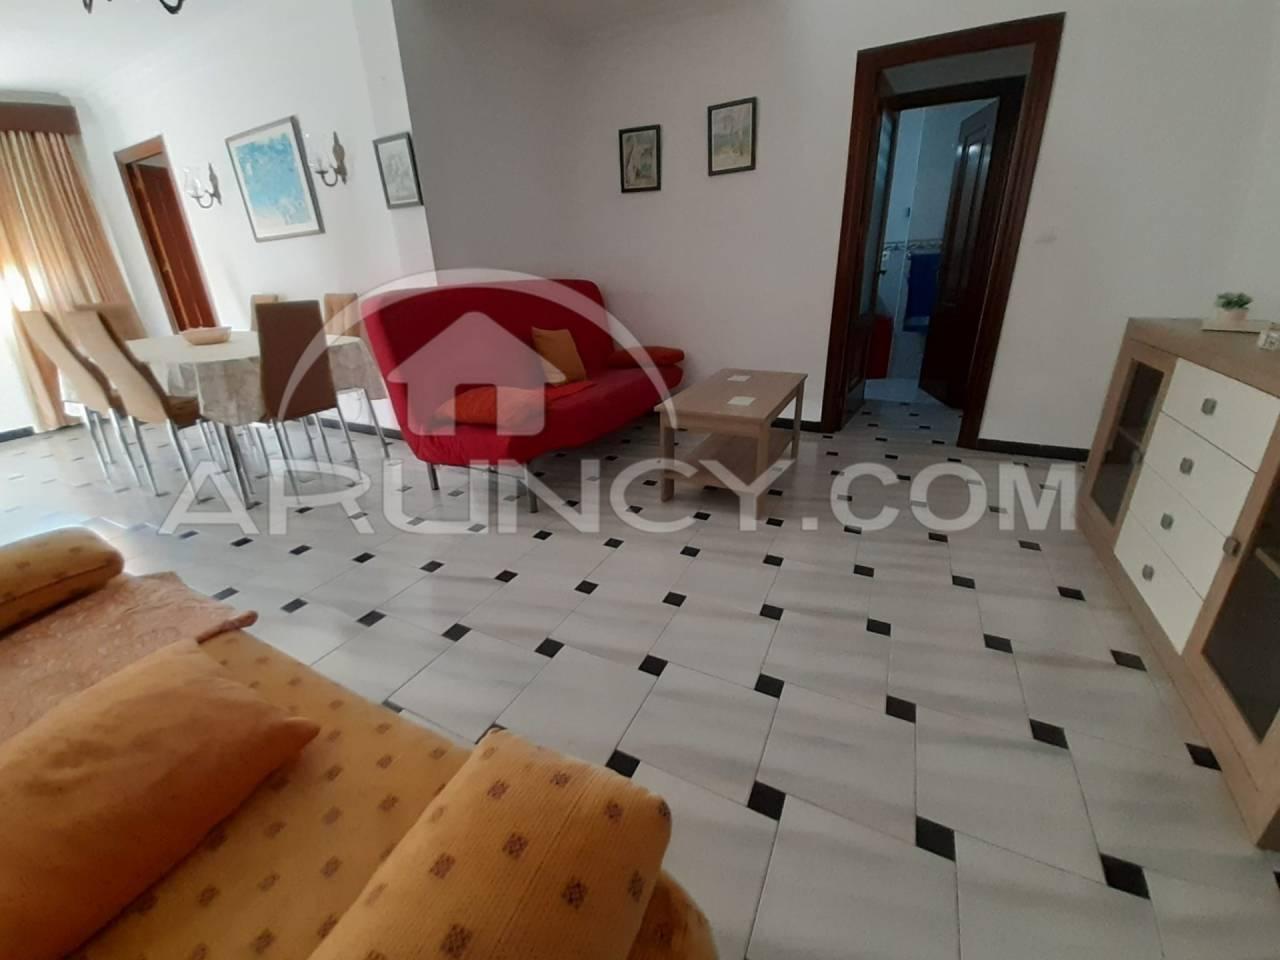 Piso en alquiler con 80 m2, 3 dormitorios  en Puerto Real